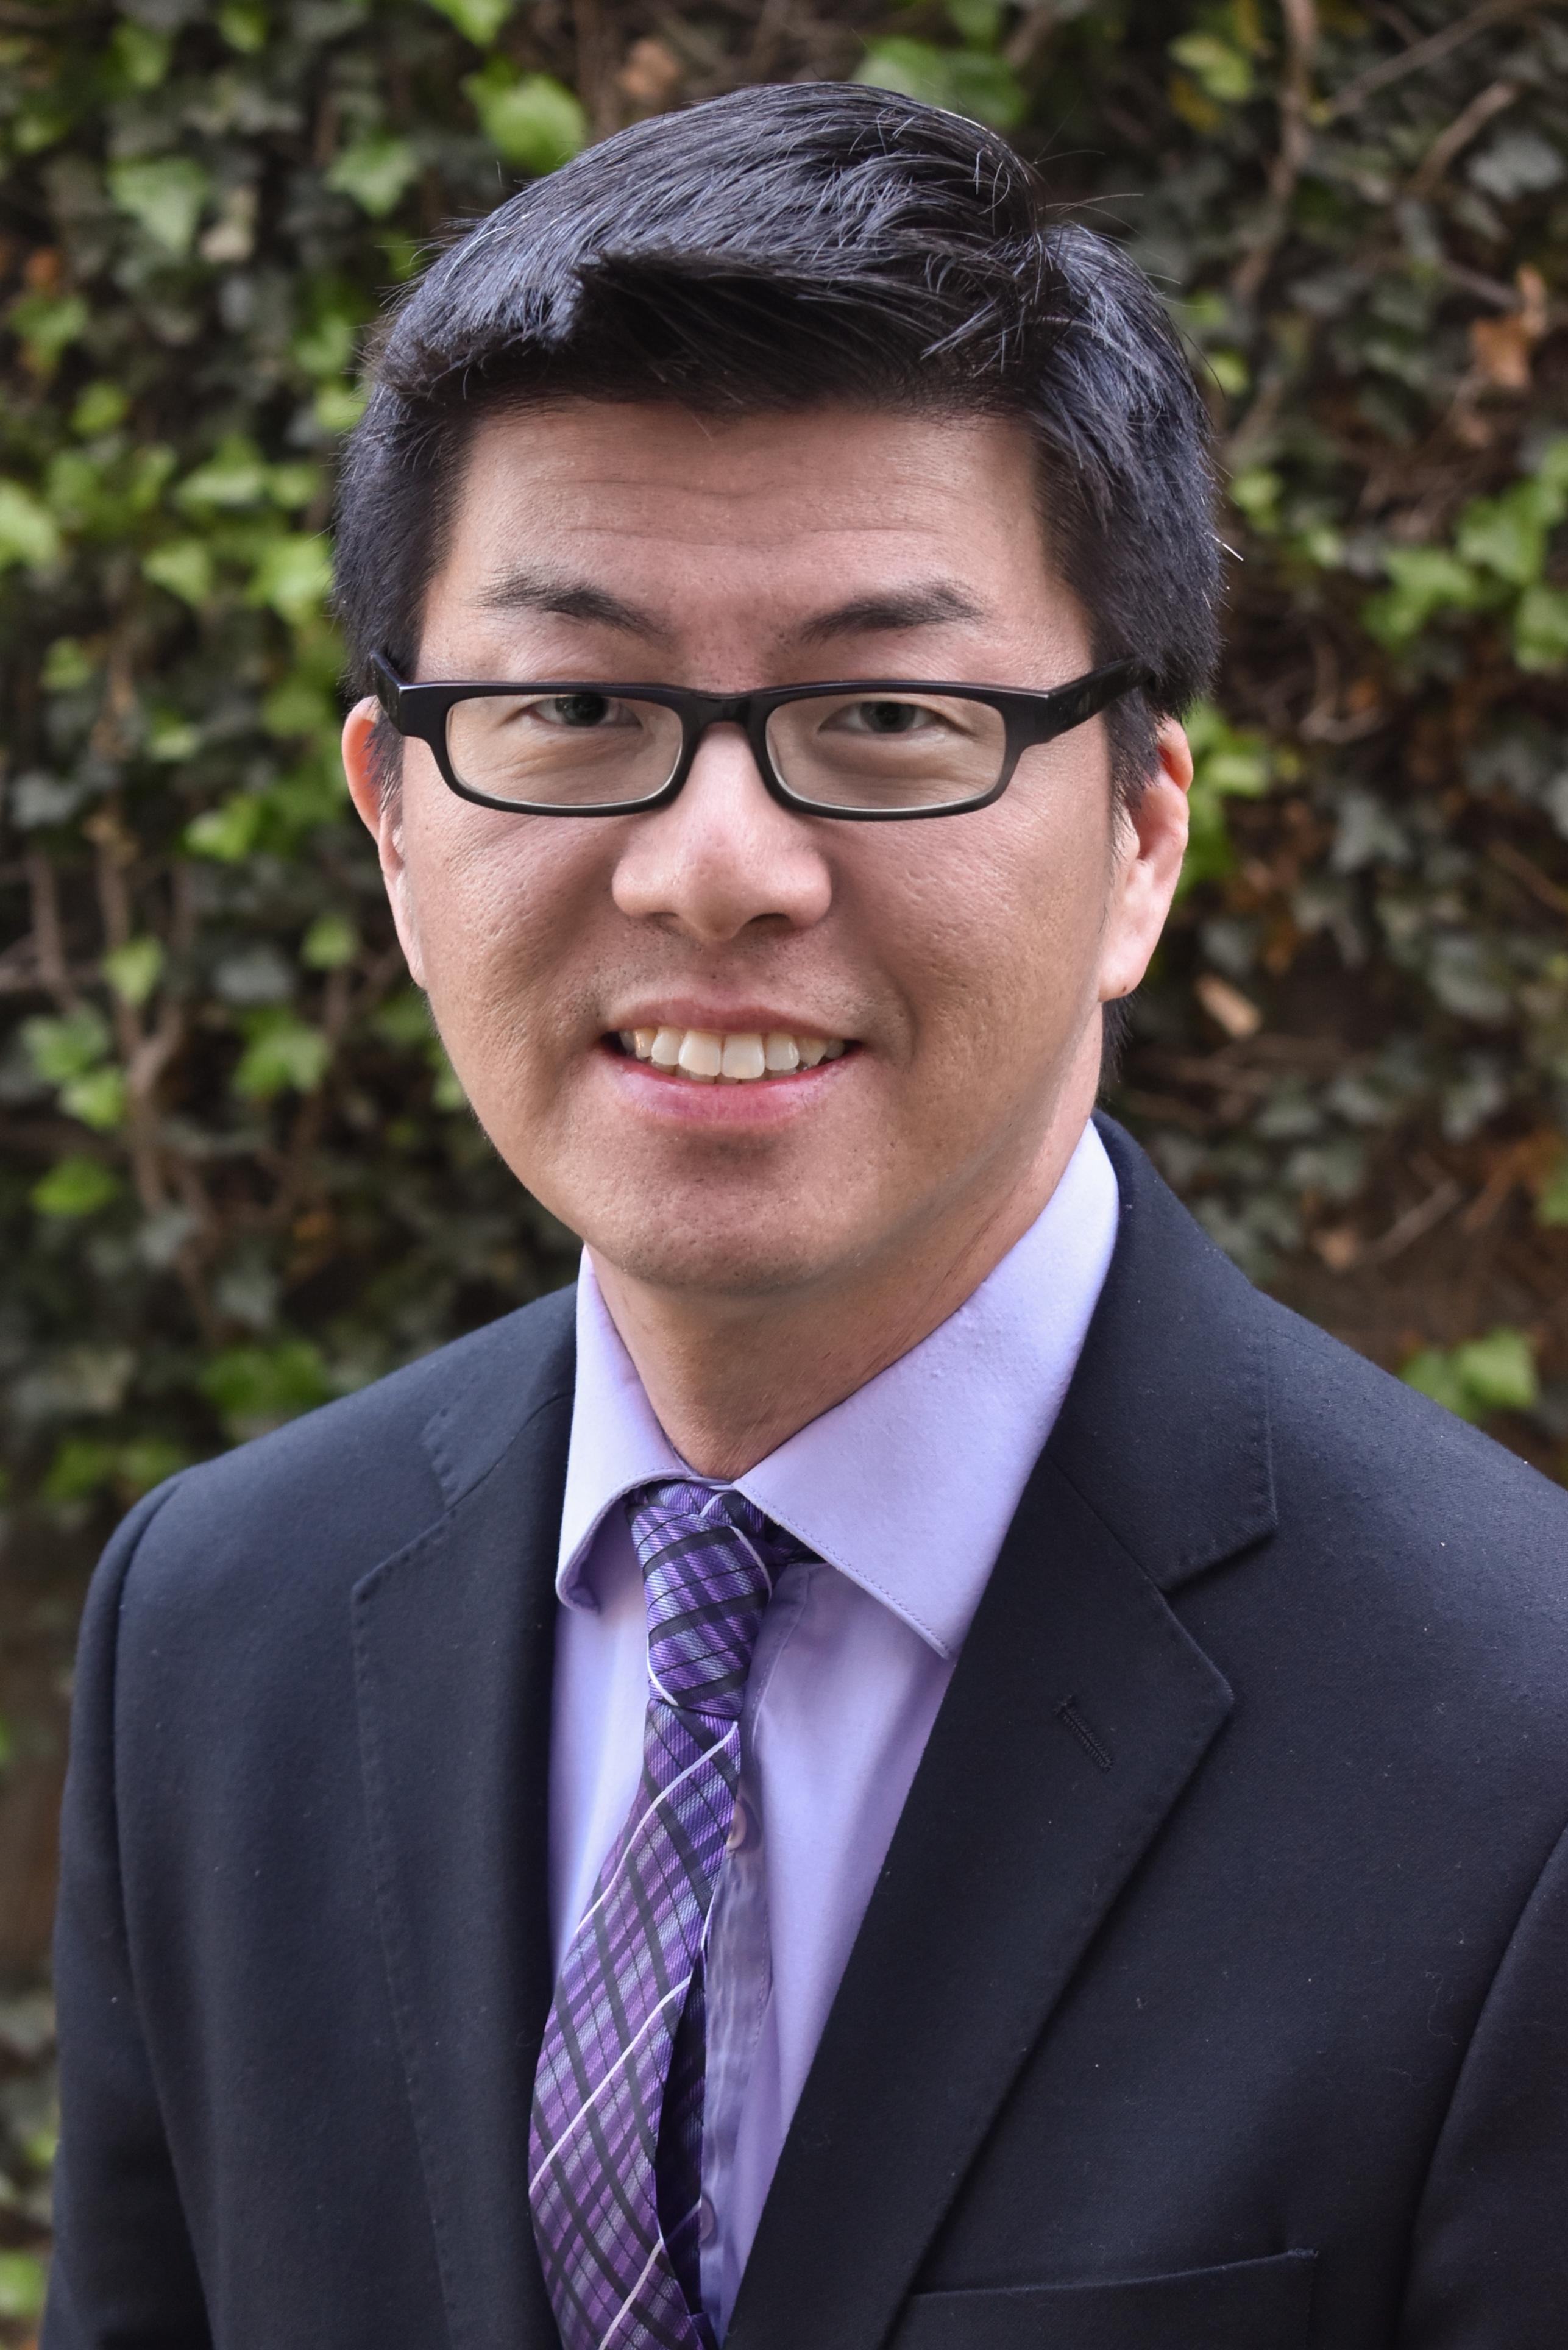 Philip Kang